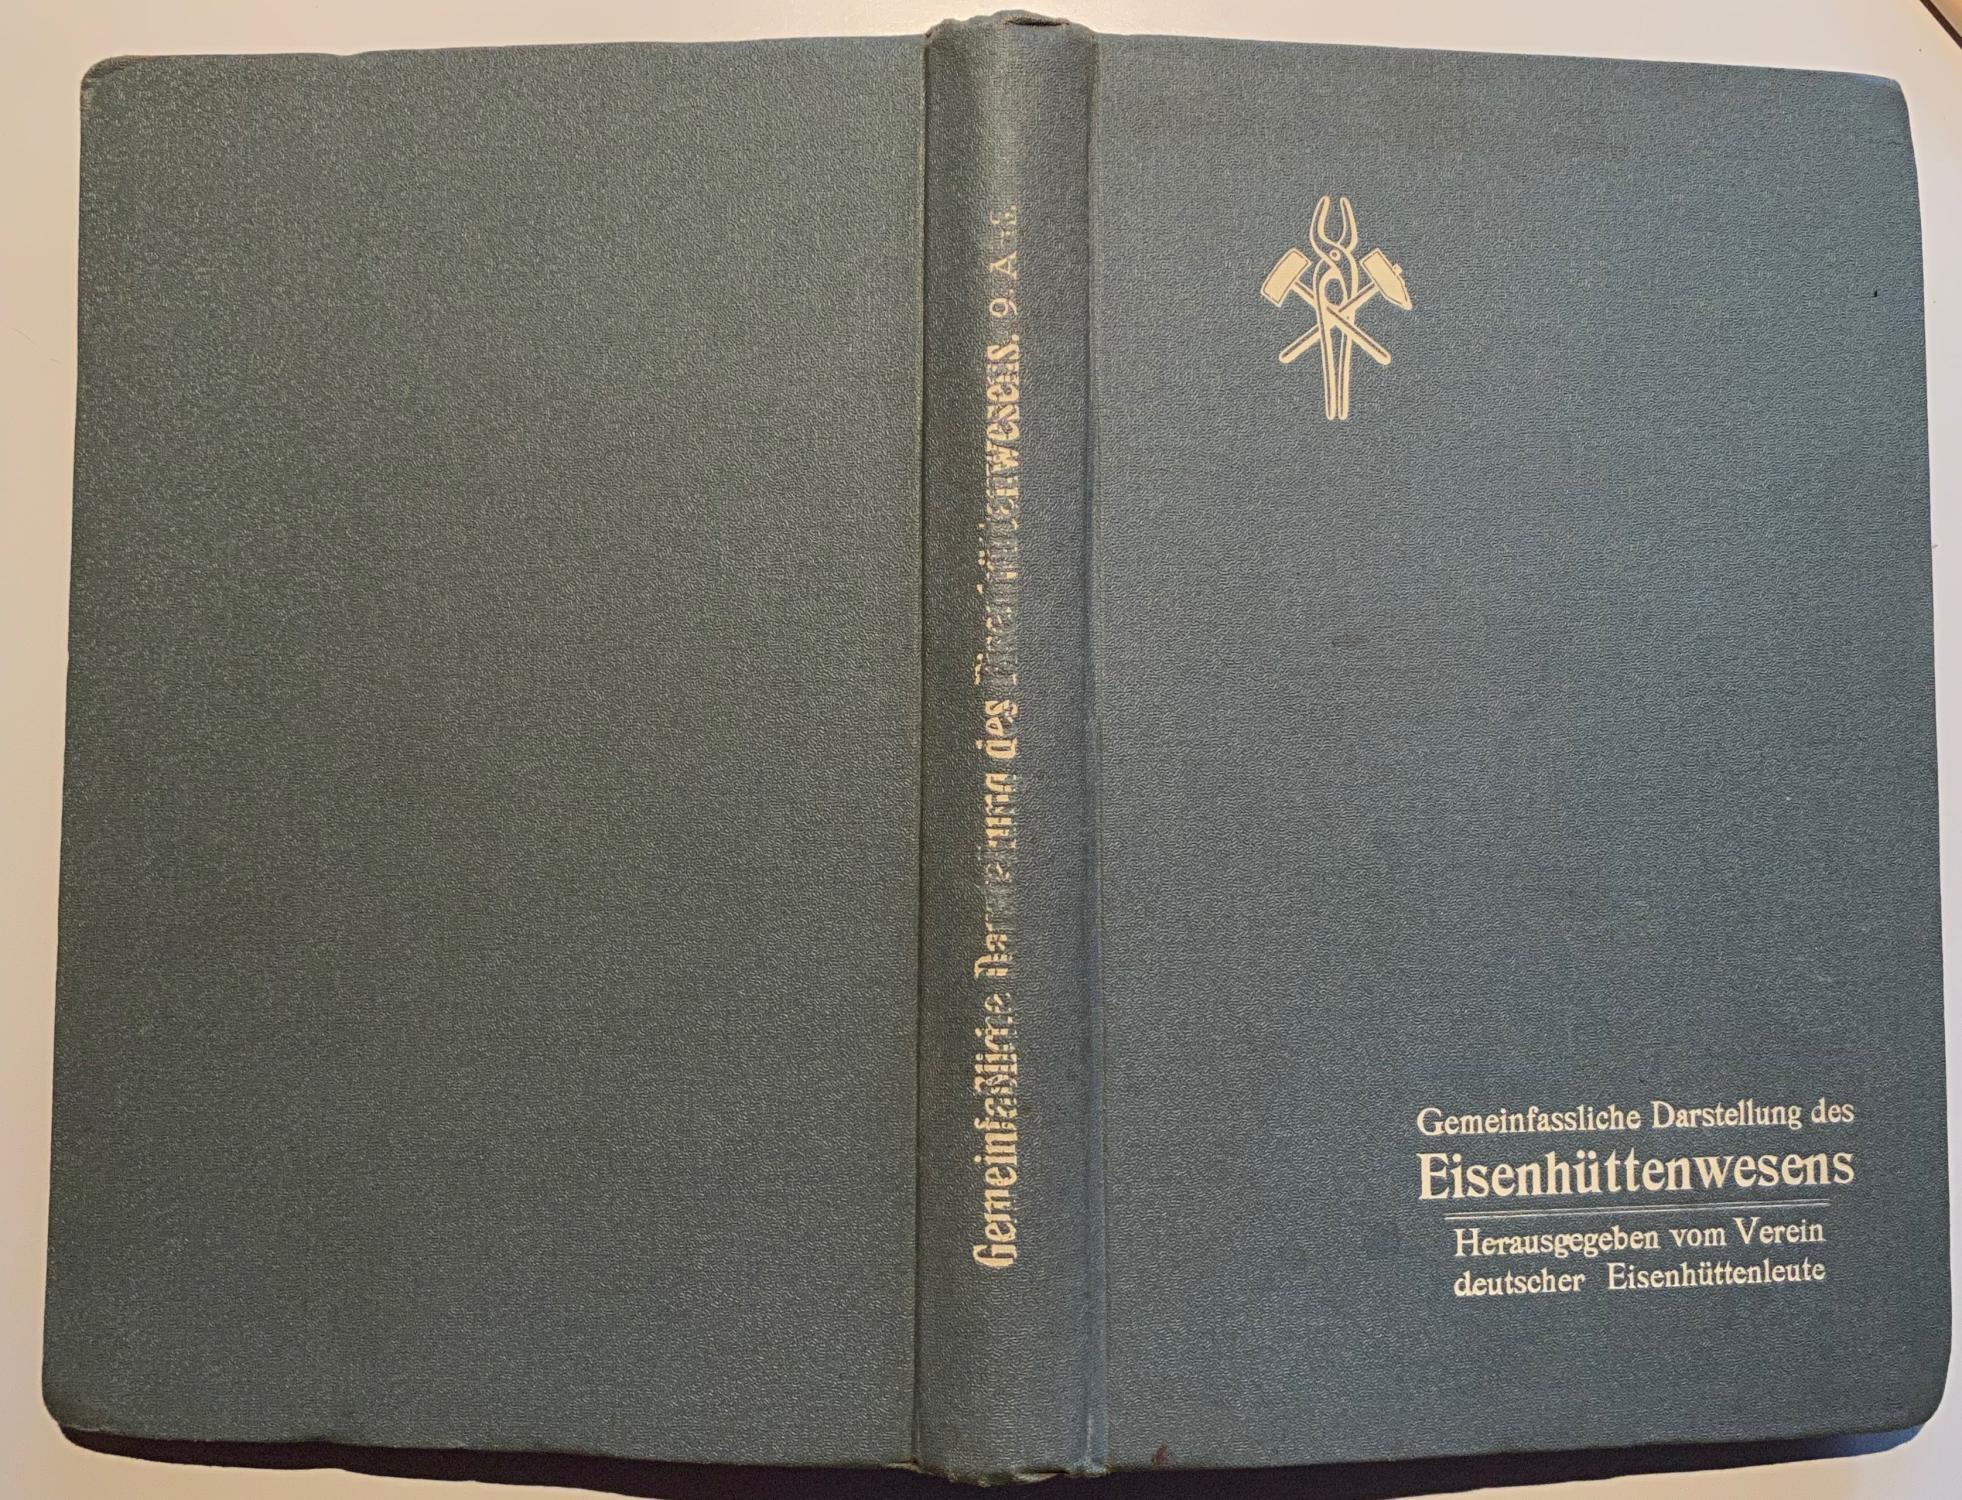 Gemeinfassliche Darstellung des Eisenü ttenwesens. 9. Auflage.: Verein Deutscher Eisenhüttenleute